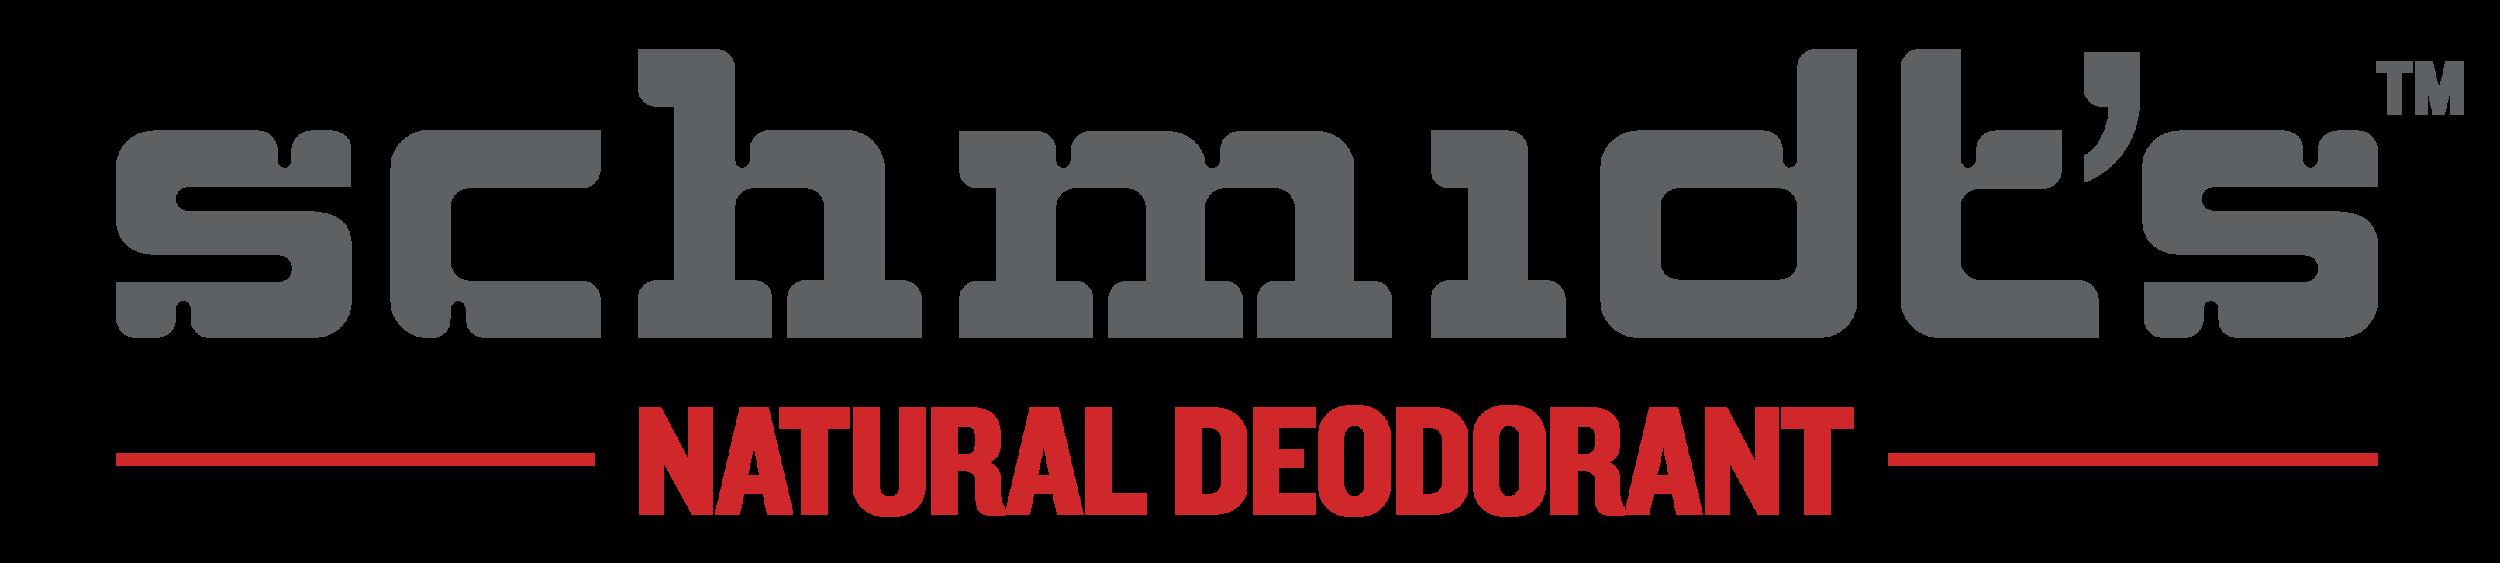 Schmidt's_Deodorant_Logo.png